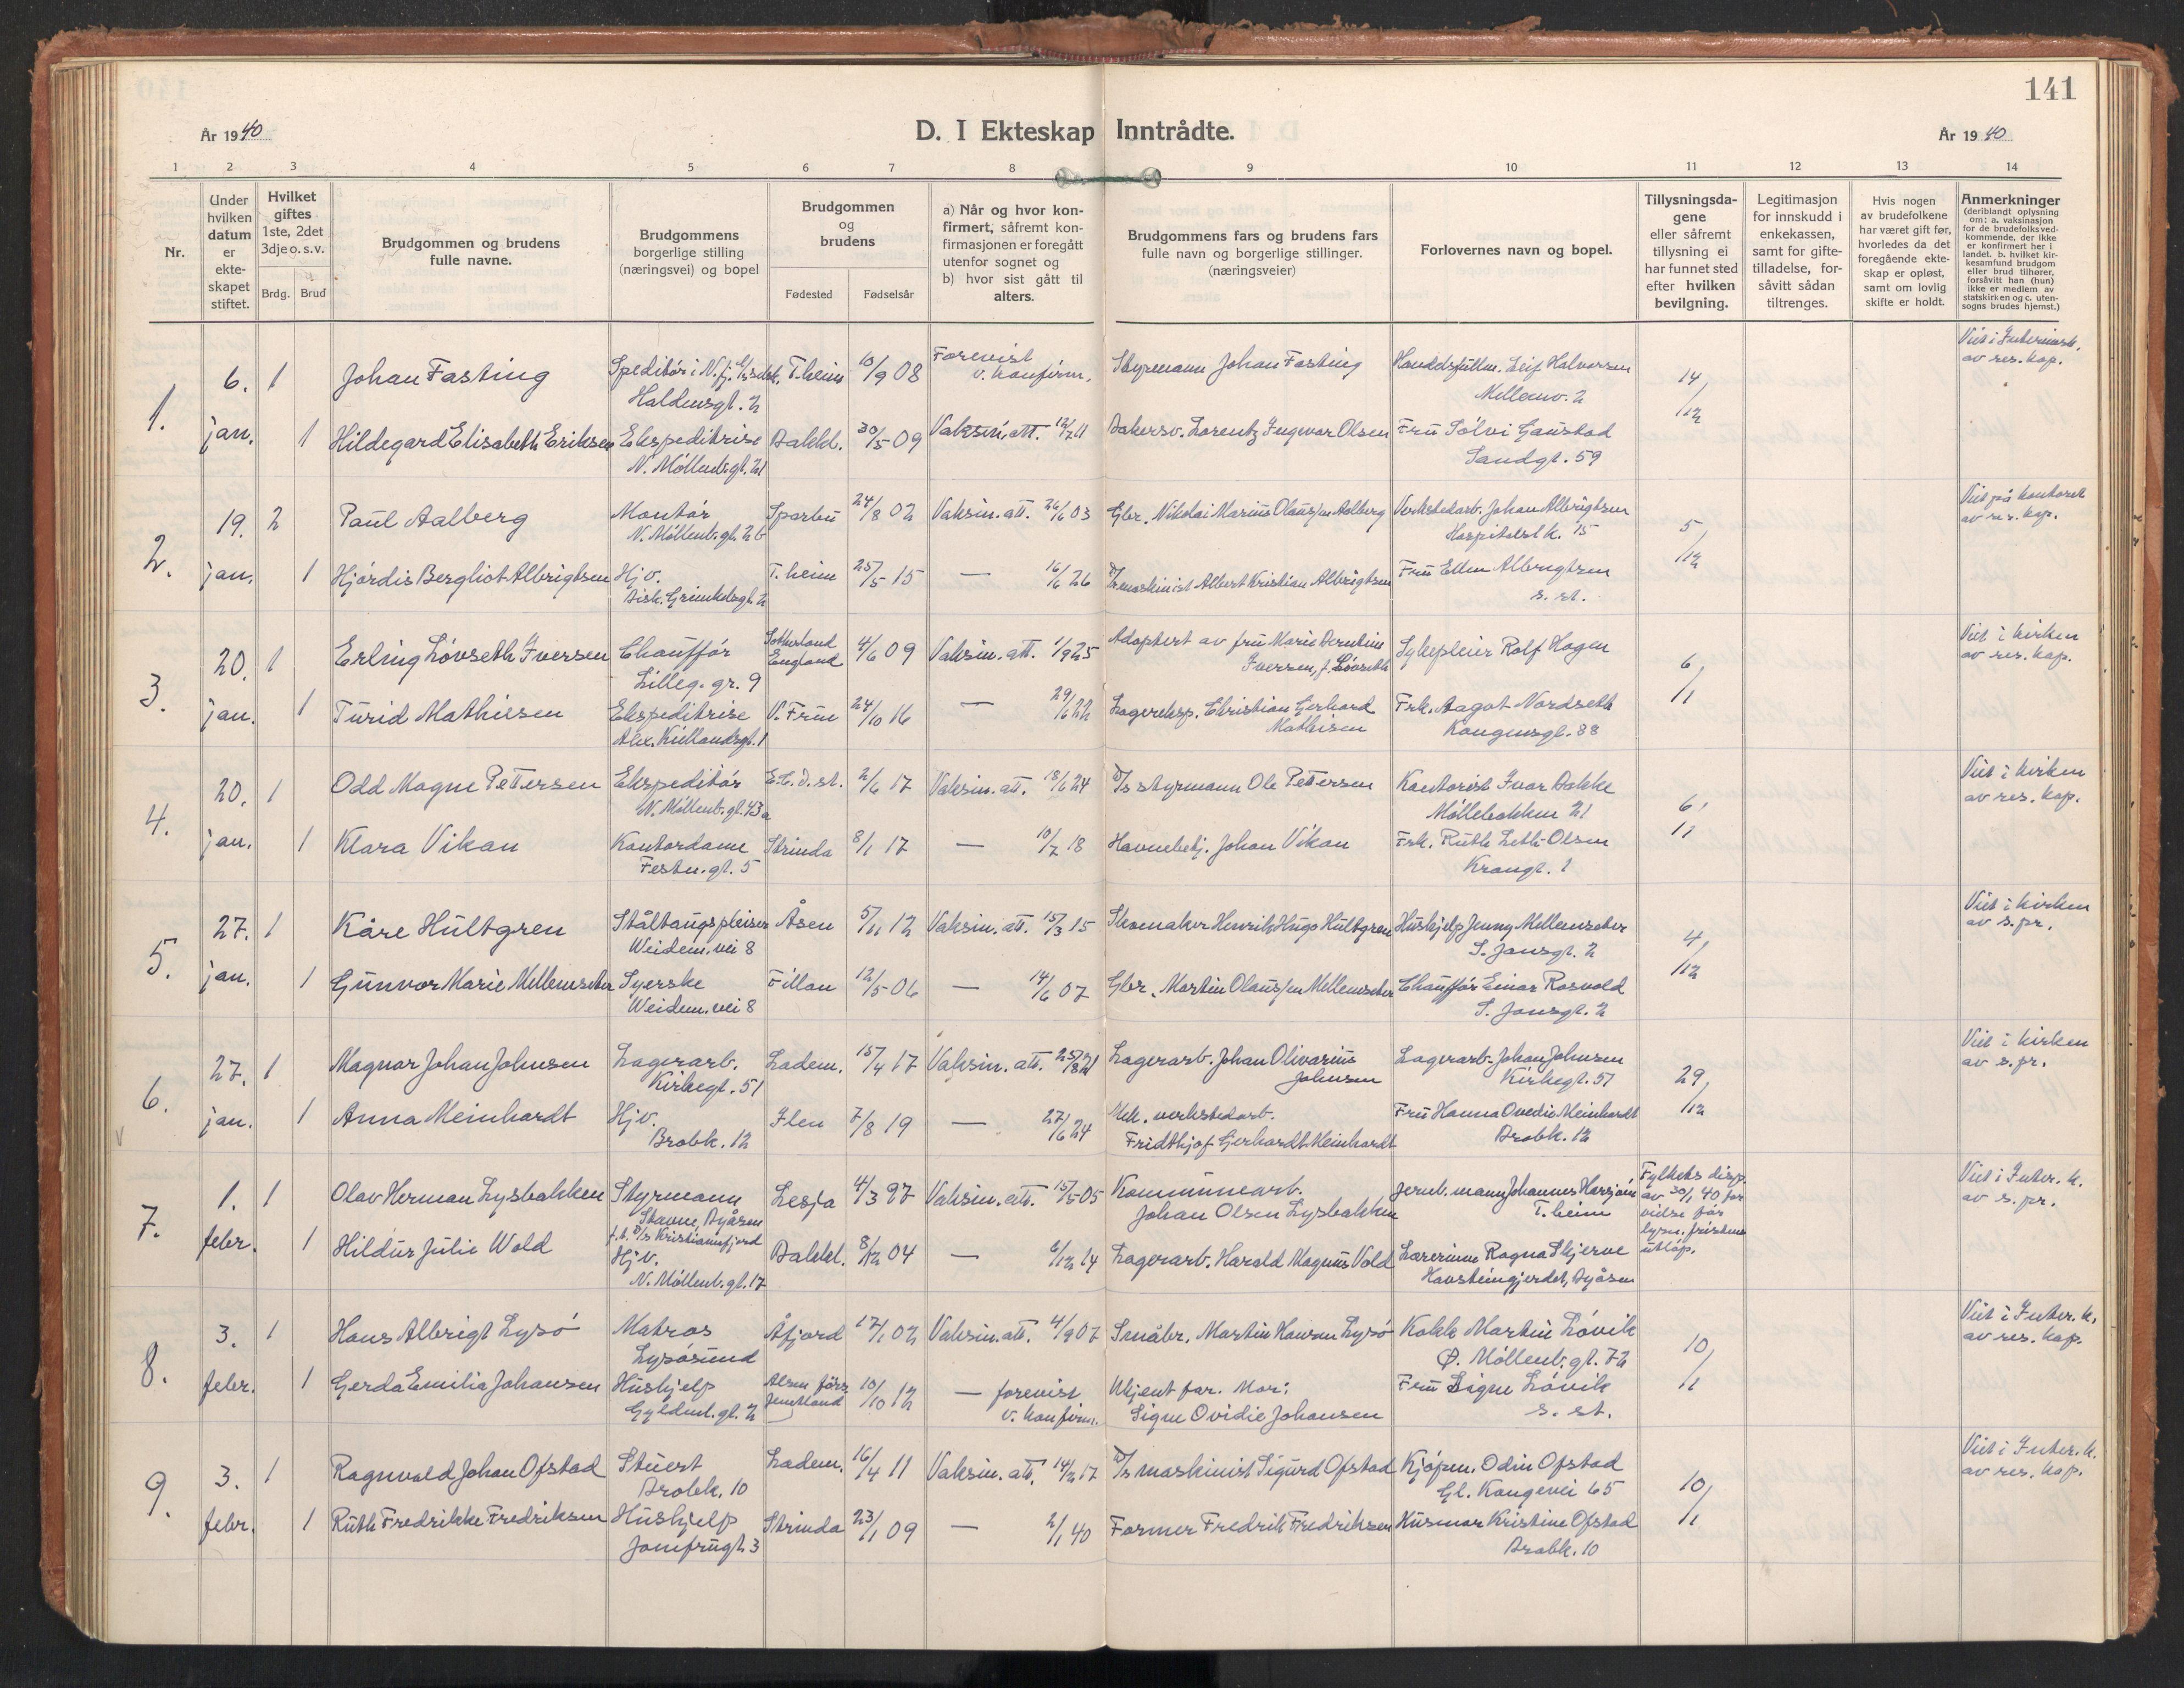 SAT, Ministerialprotokoller, klokkerbøker og fødselsregistre - Sør-Trøndelag, 604/L0209: Ministerialbok nr. 604A29, 1931-1945, s. 141